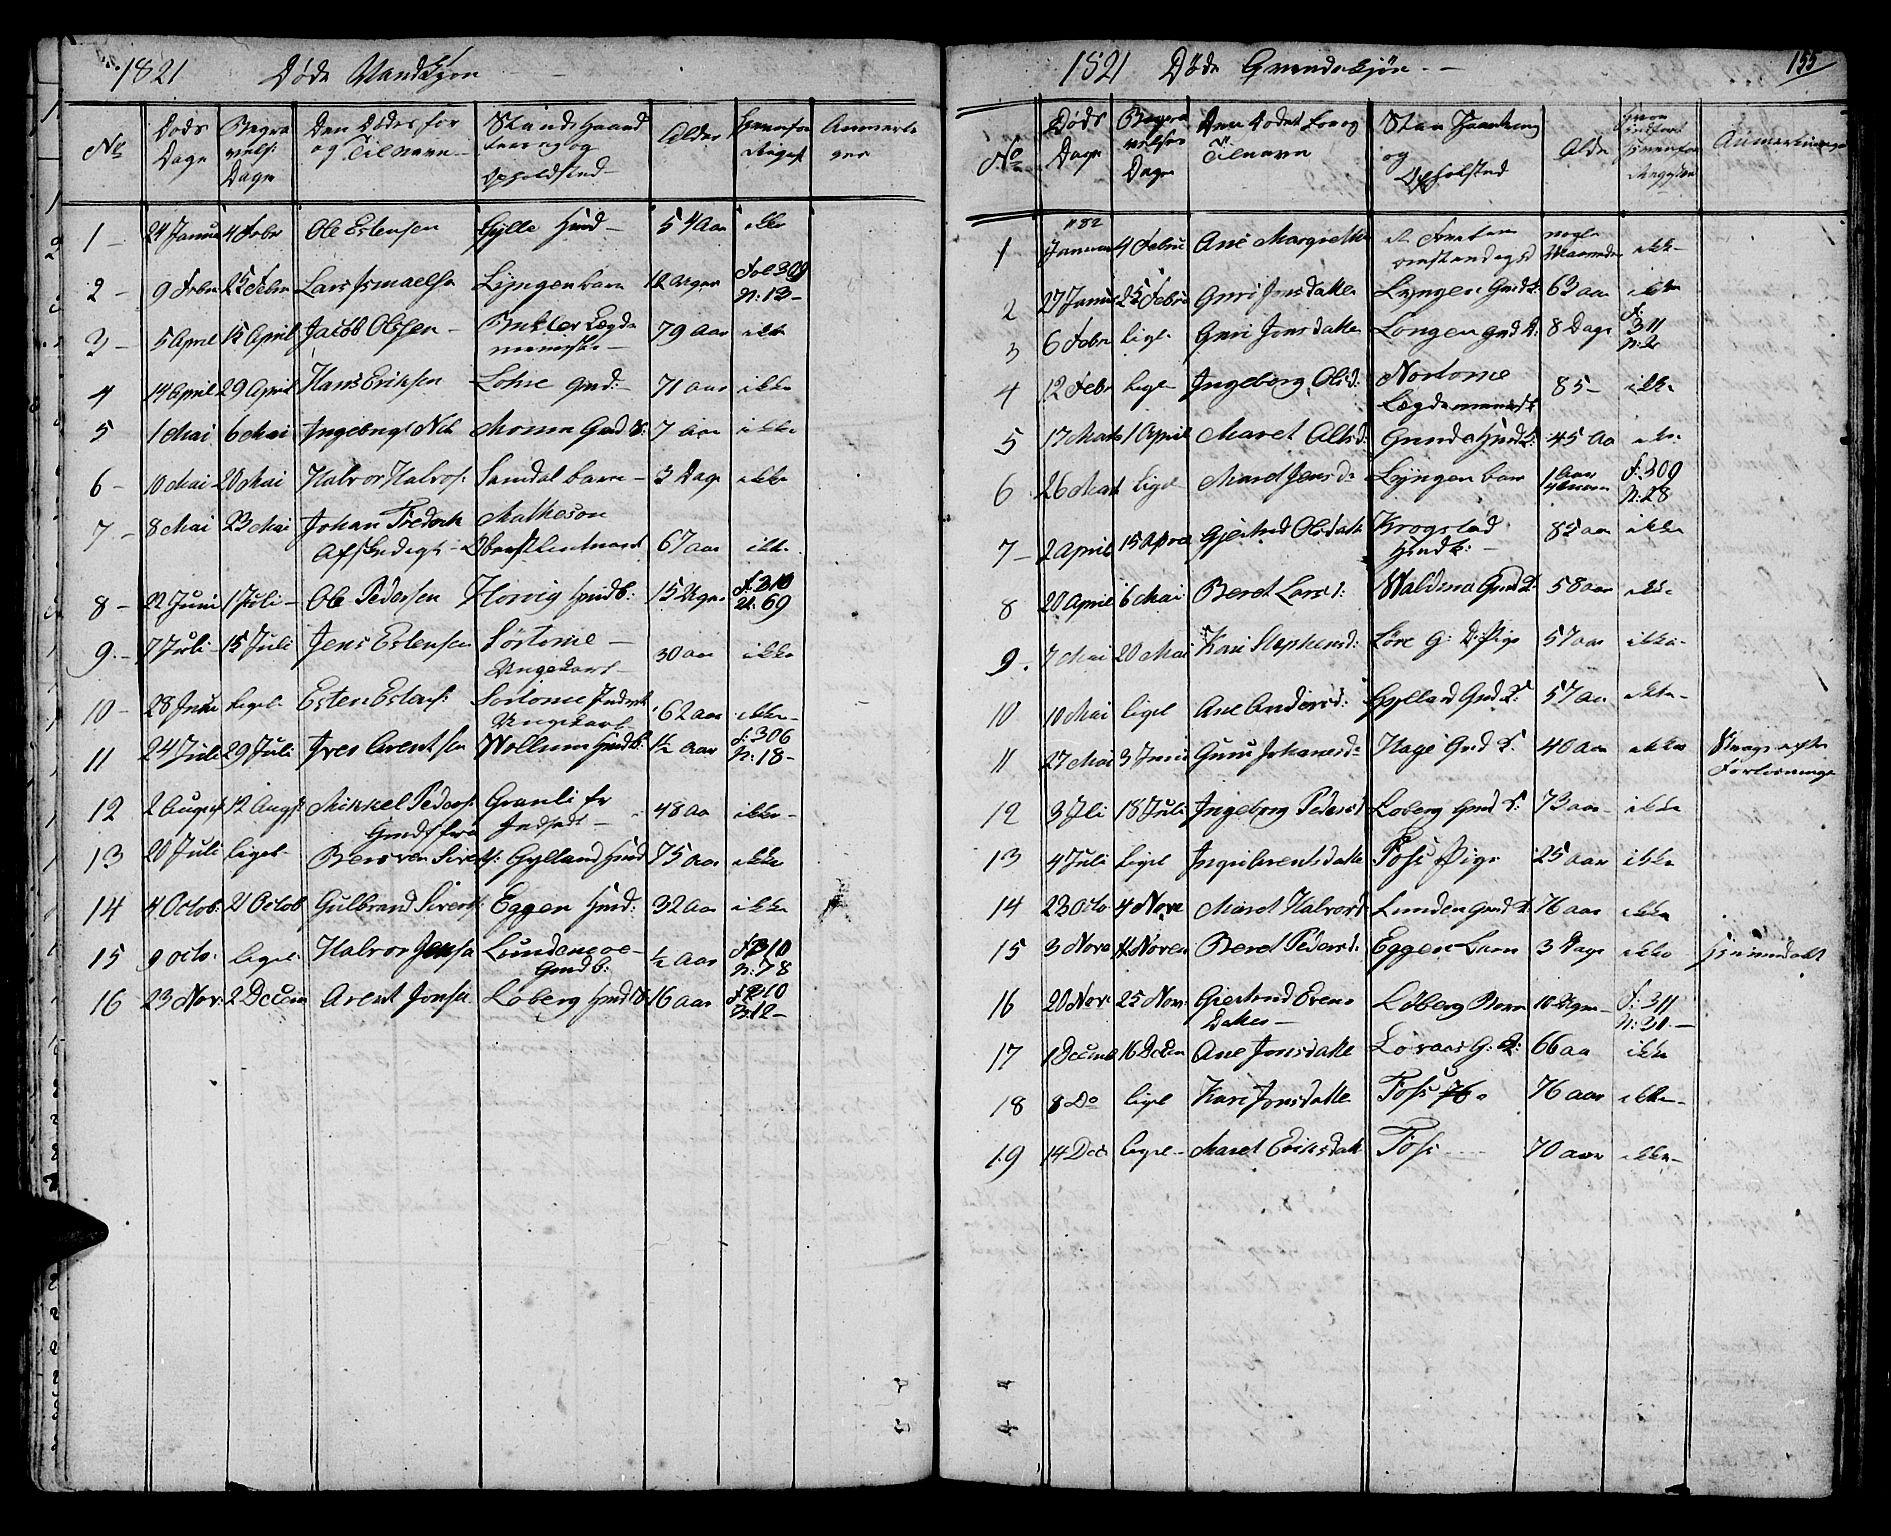 SAT, Ministerialprotokoller, klokkerbøker og fødselsregistre - Sør-Trøndelag, 692/L1108: Klokkerbok nr. 692C03, 1816-1833, s. 155